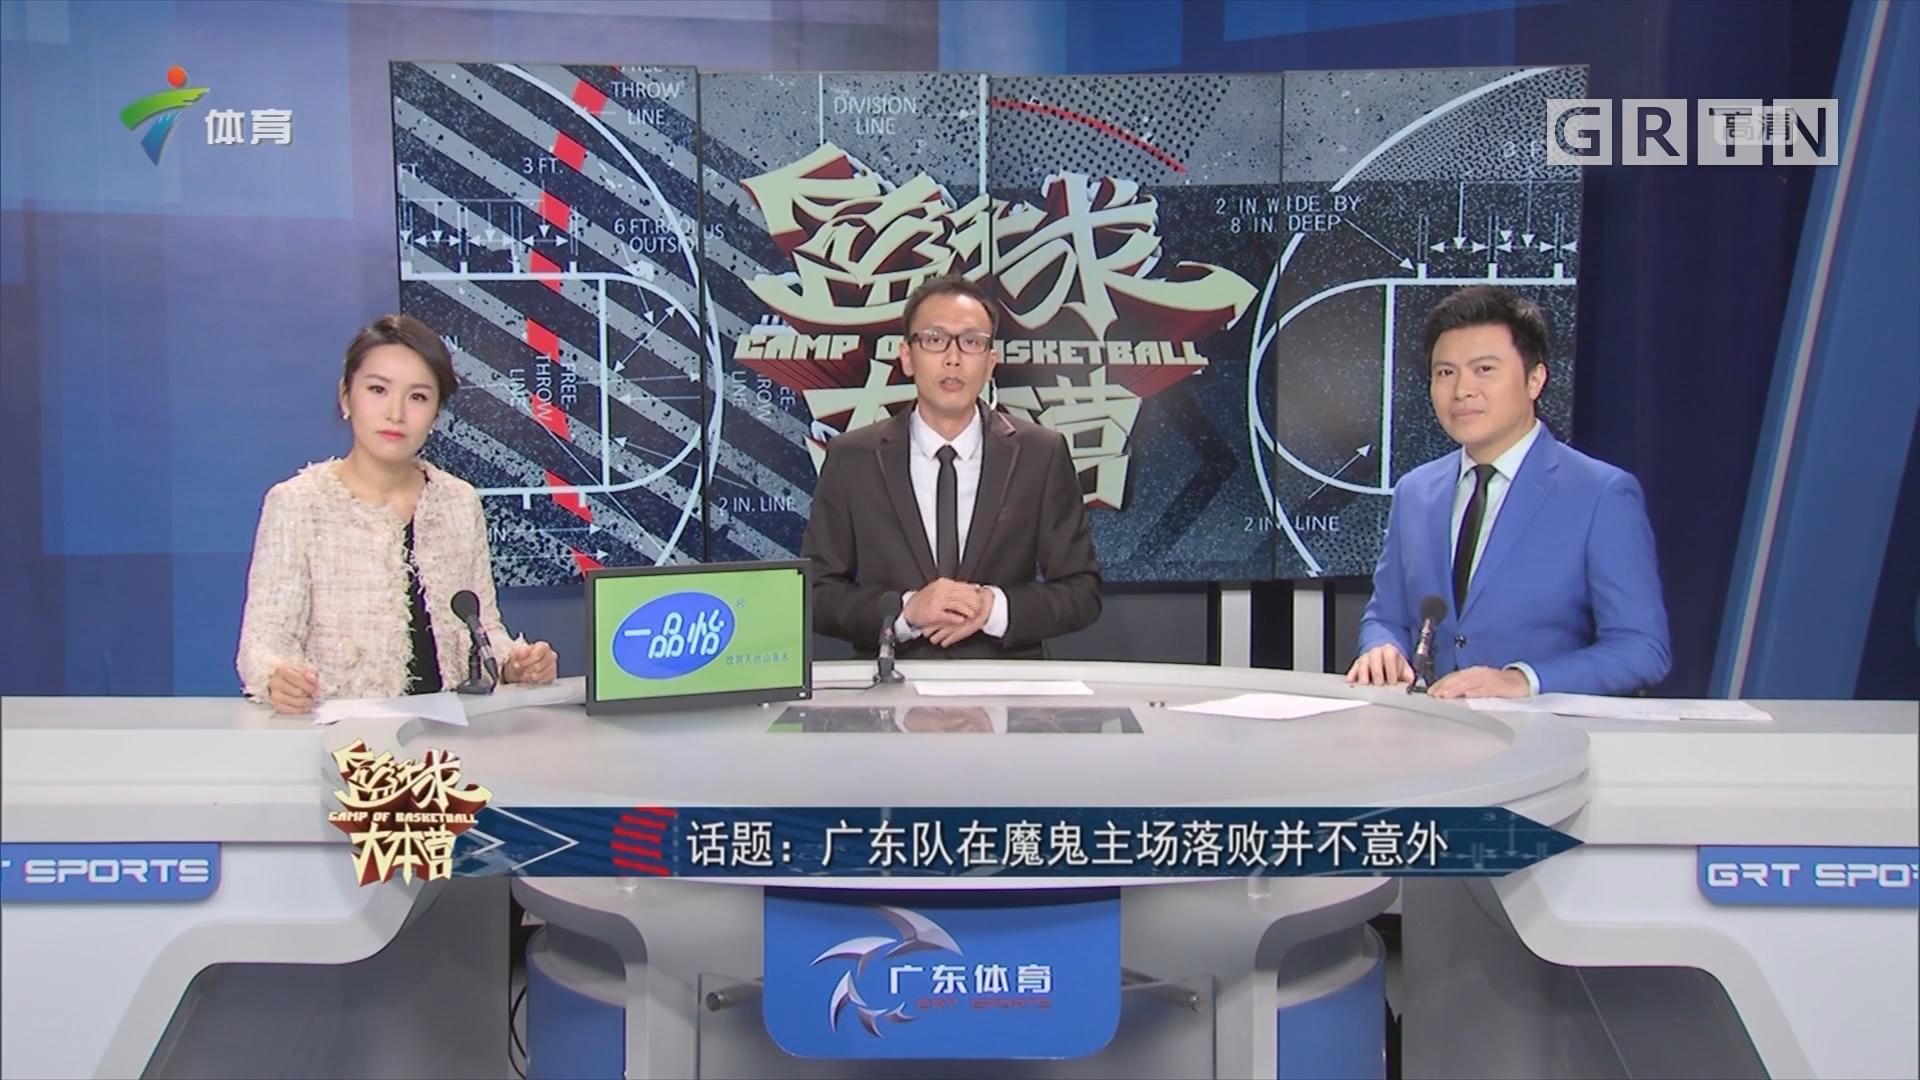 话题:广东队在魔鬼主场落败并不意外